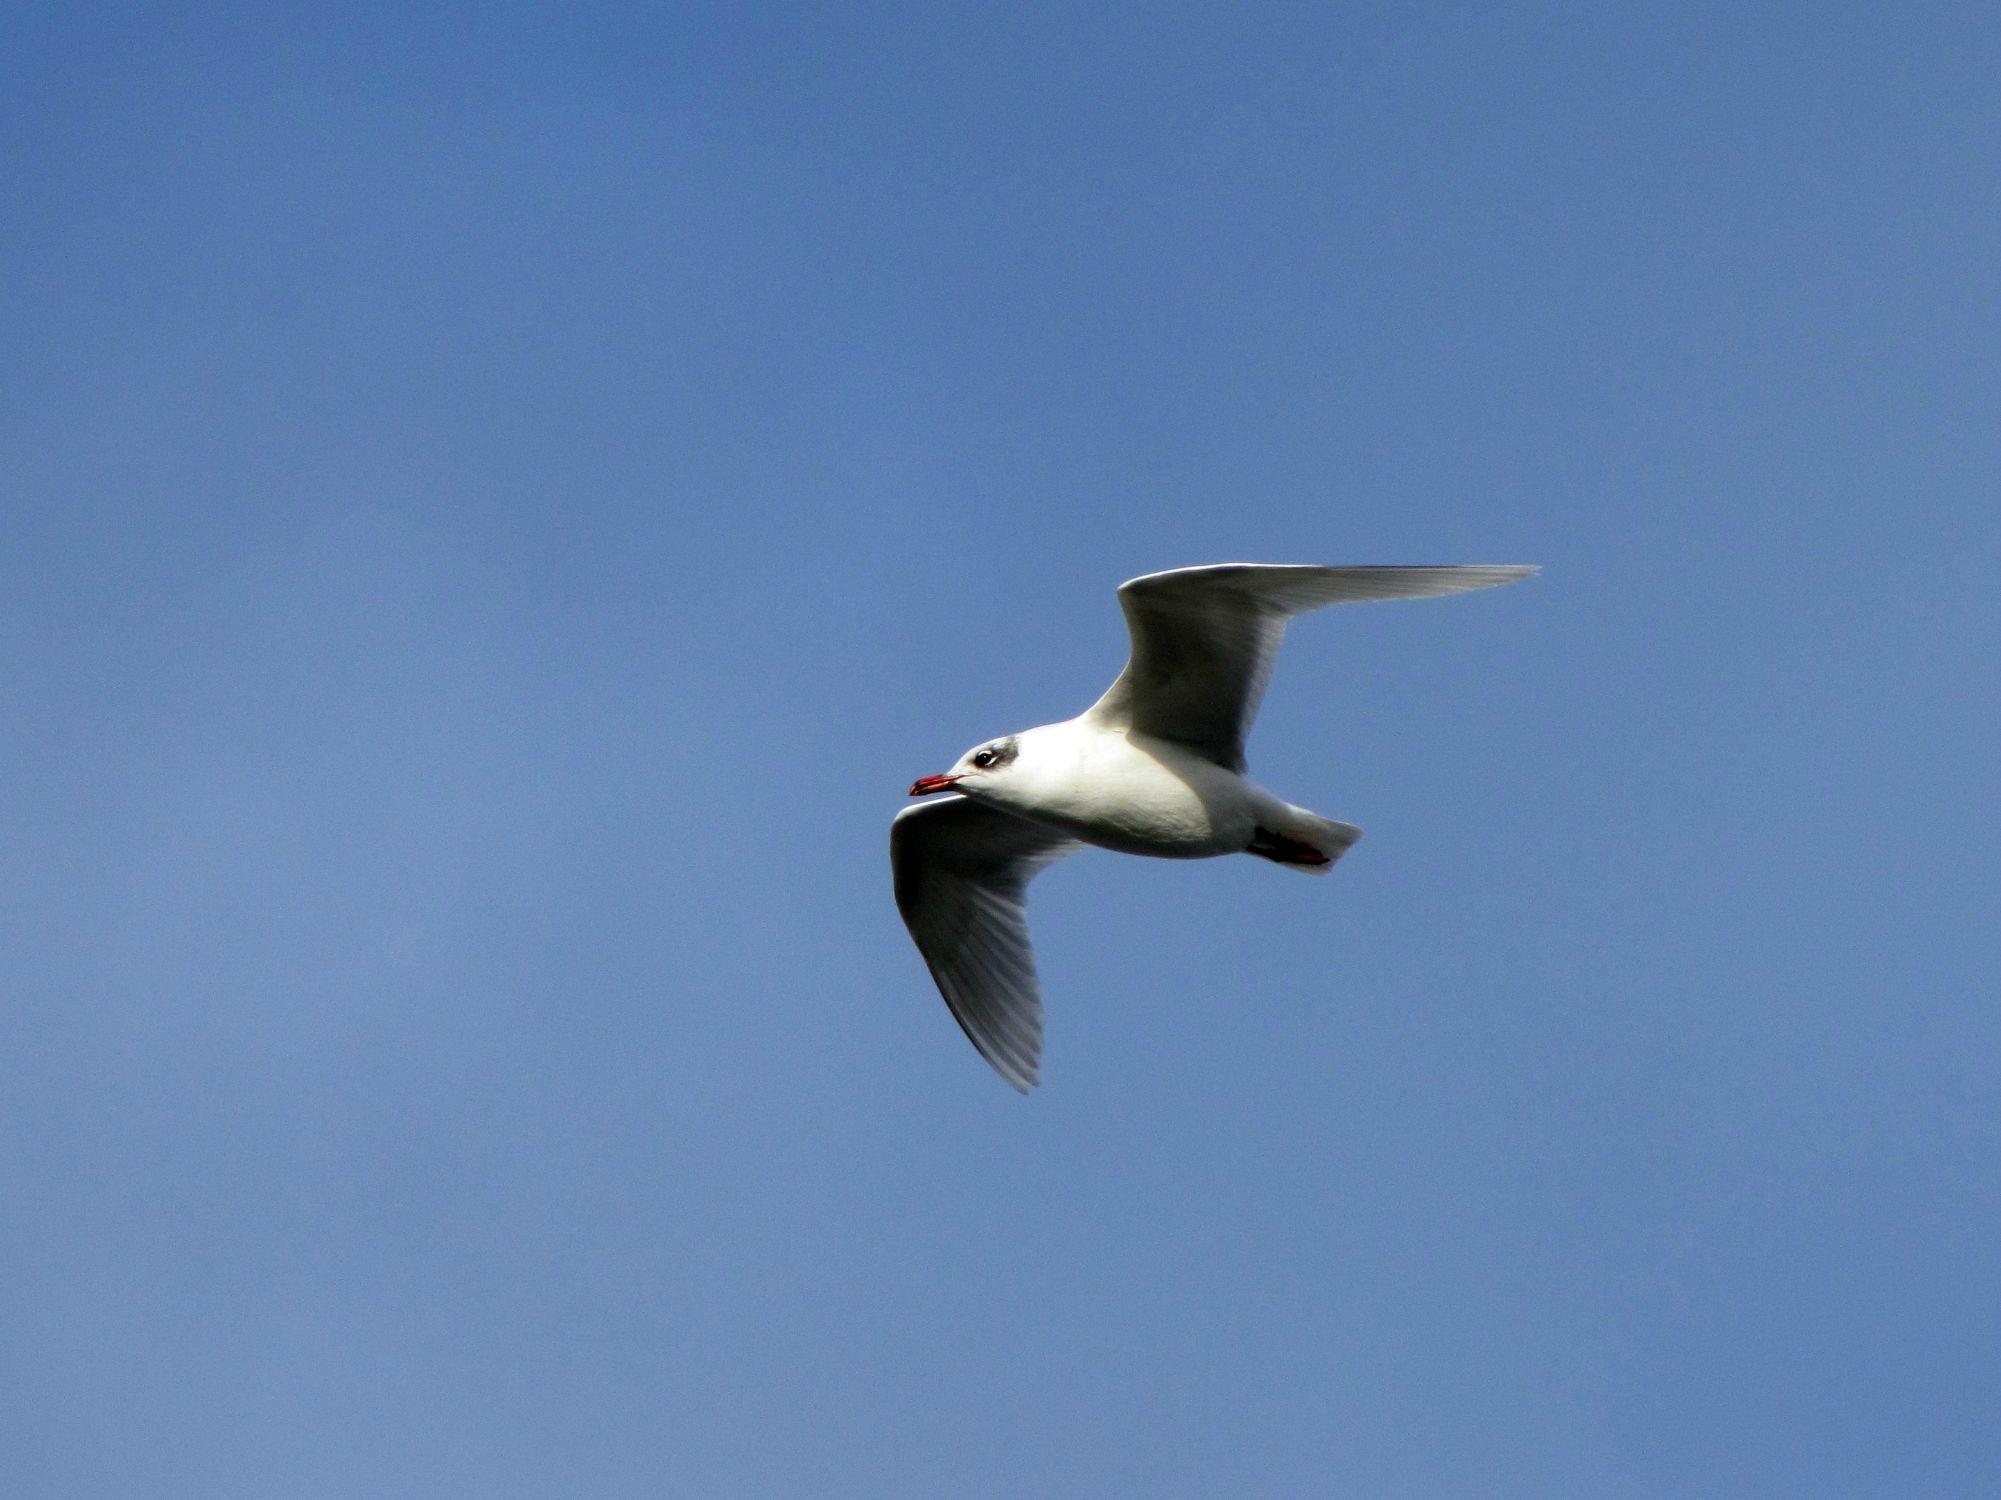 Oiseaux ile de re foto Mo2 (56)-h1500